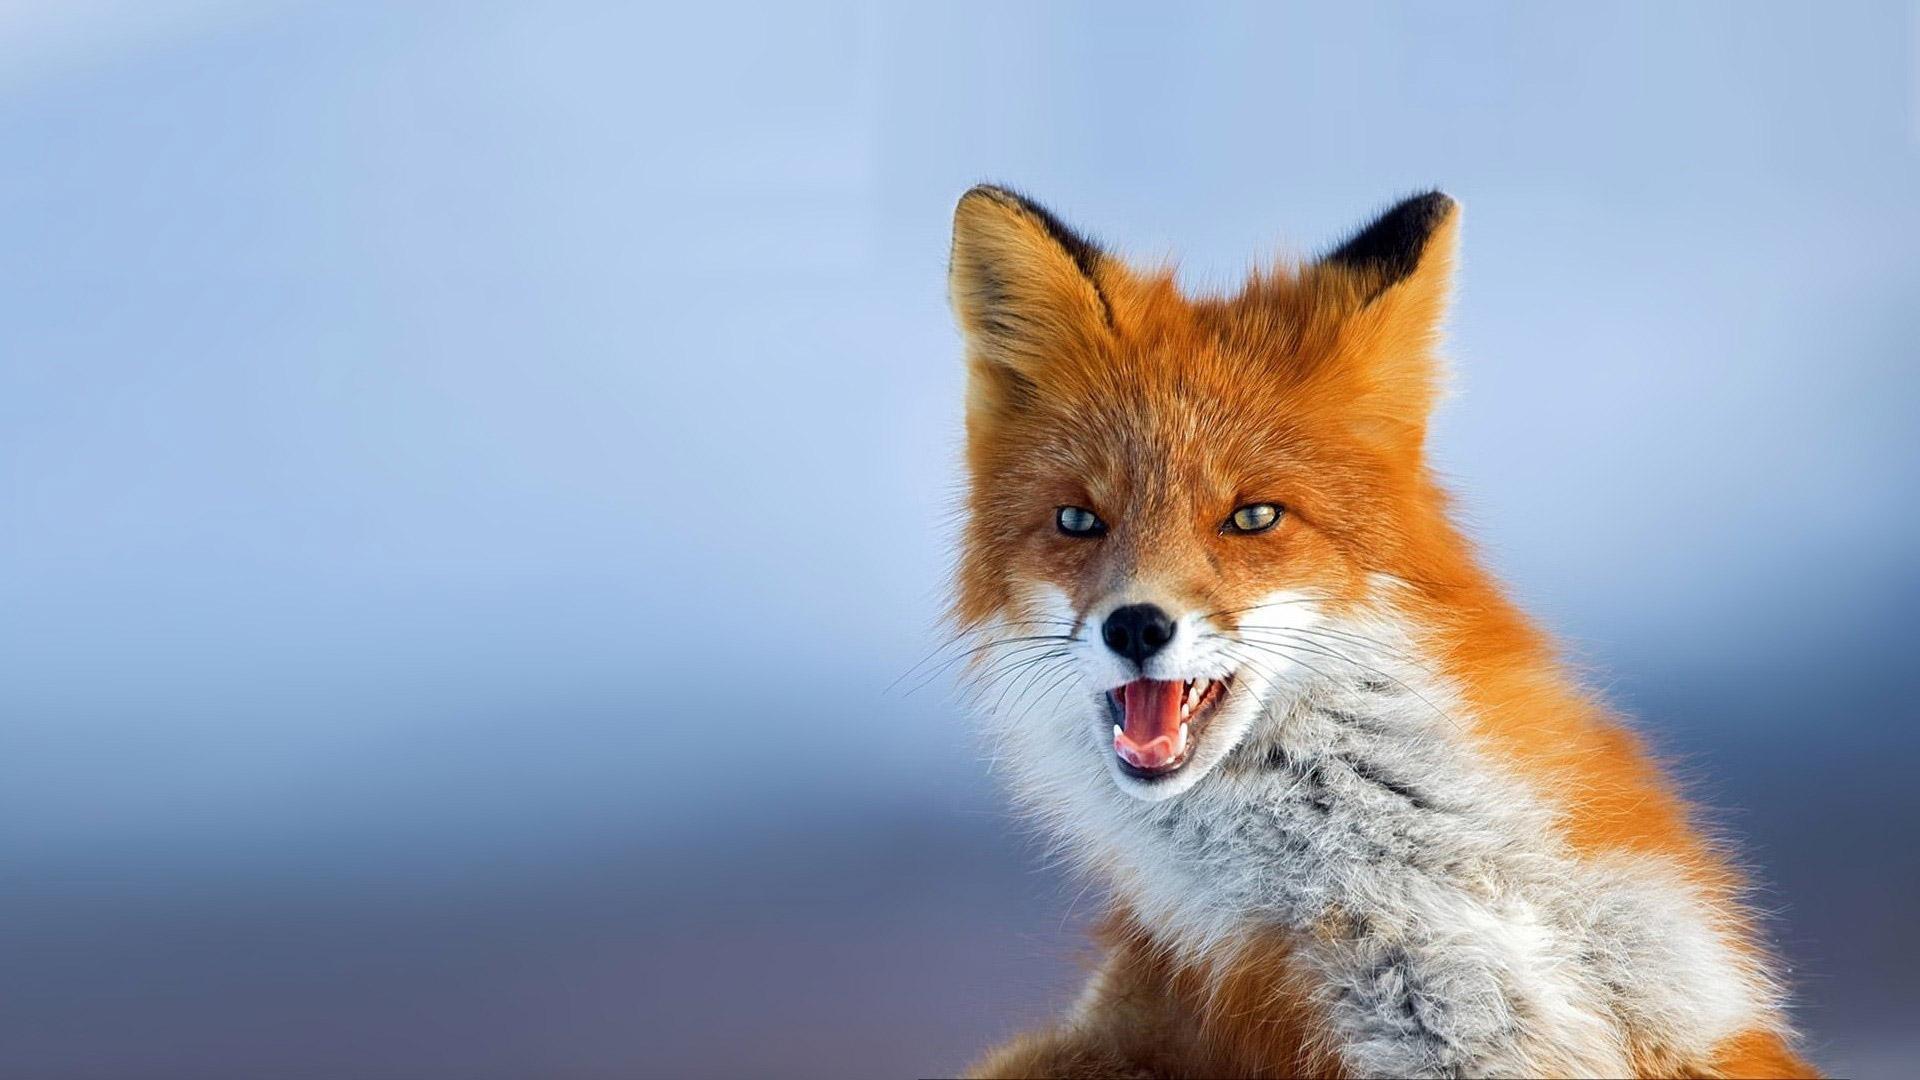 Foxx1